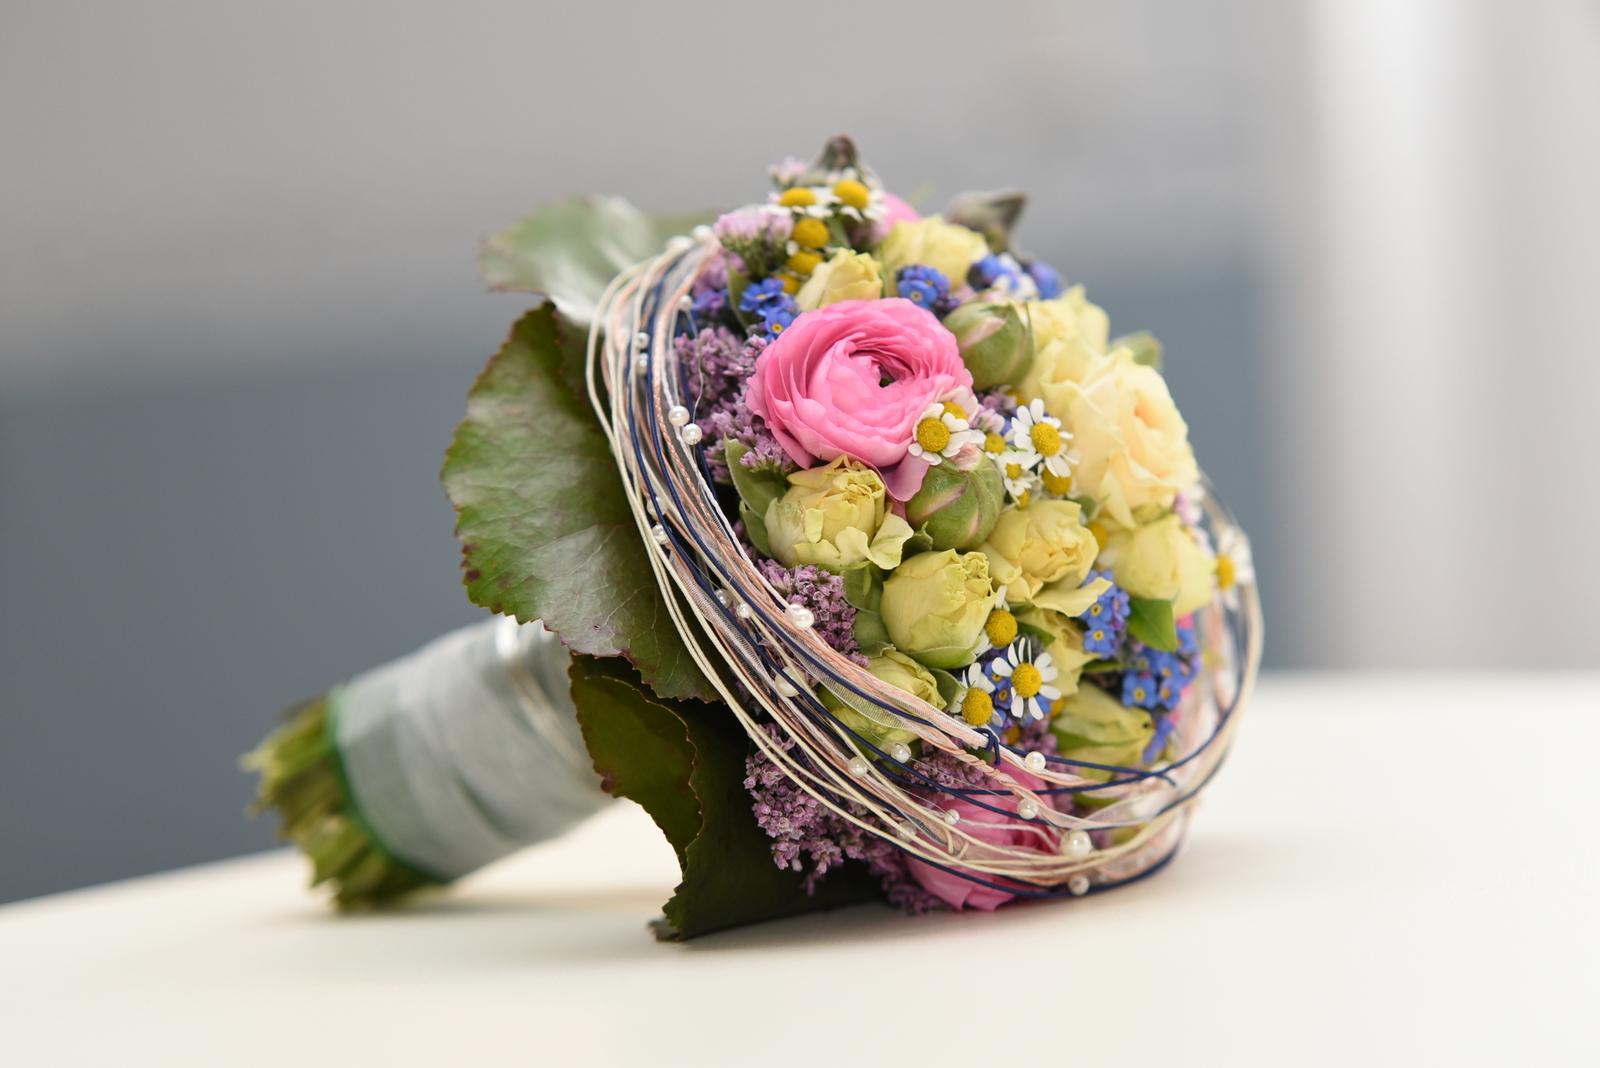 Der wunderschöne Brautstrauß.